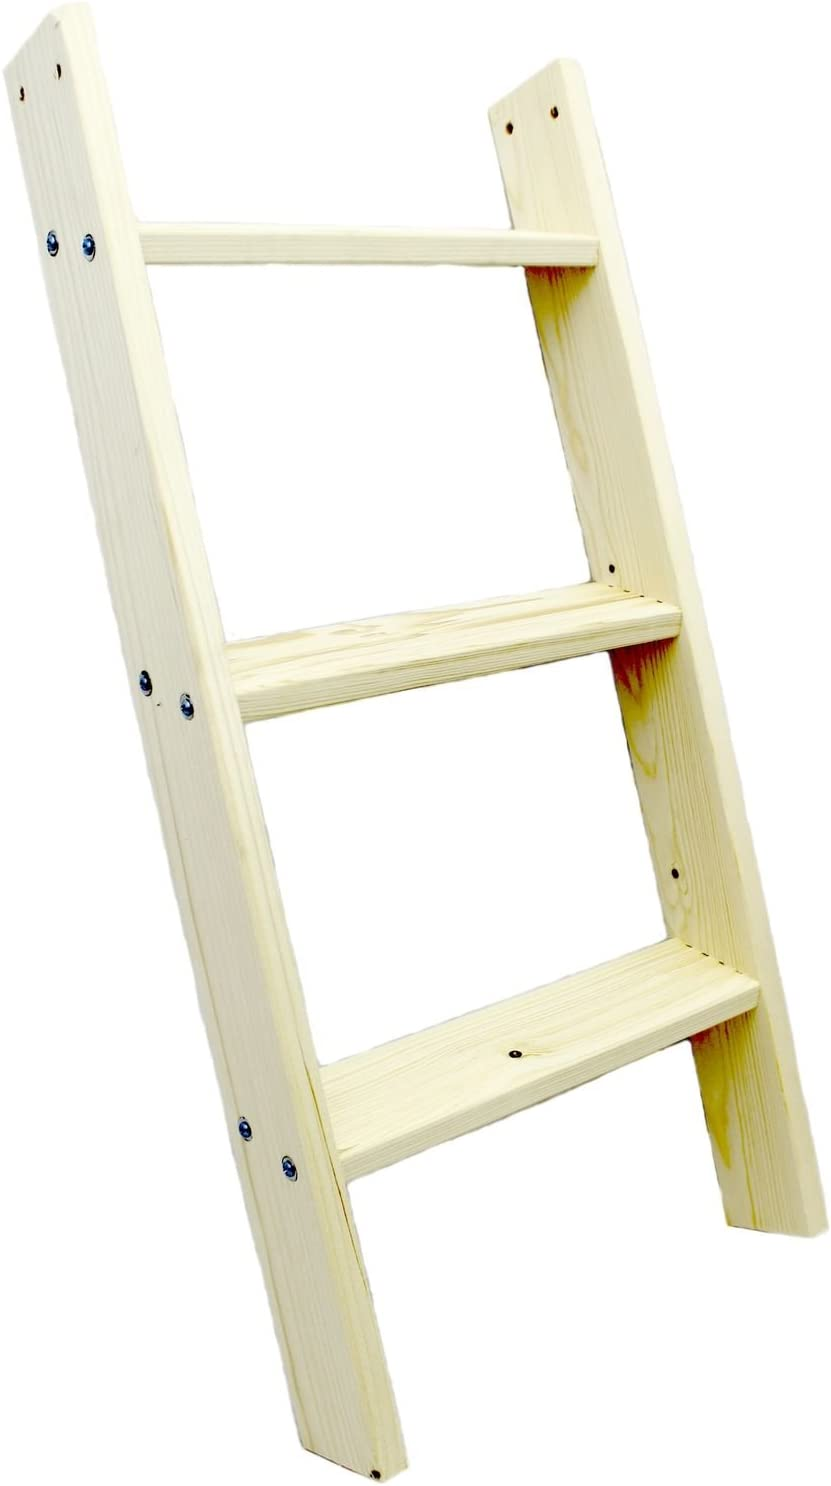 DJM - escalera para desván de escaleras de madera se DJM Loft 2,8 m a 3,51 m: Amazon.es: Bricolaje y herramientas